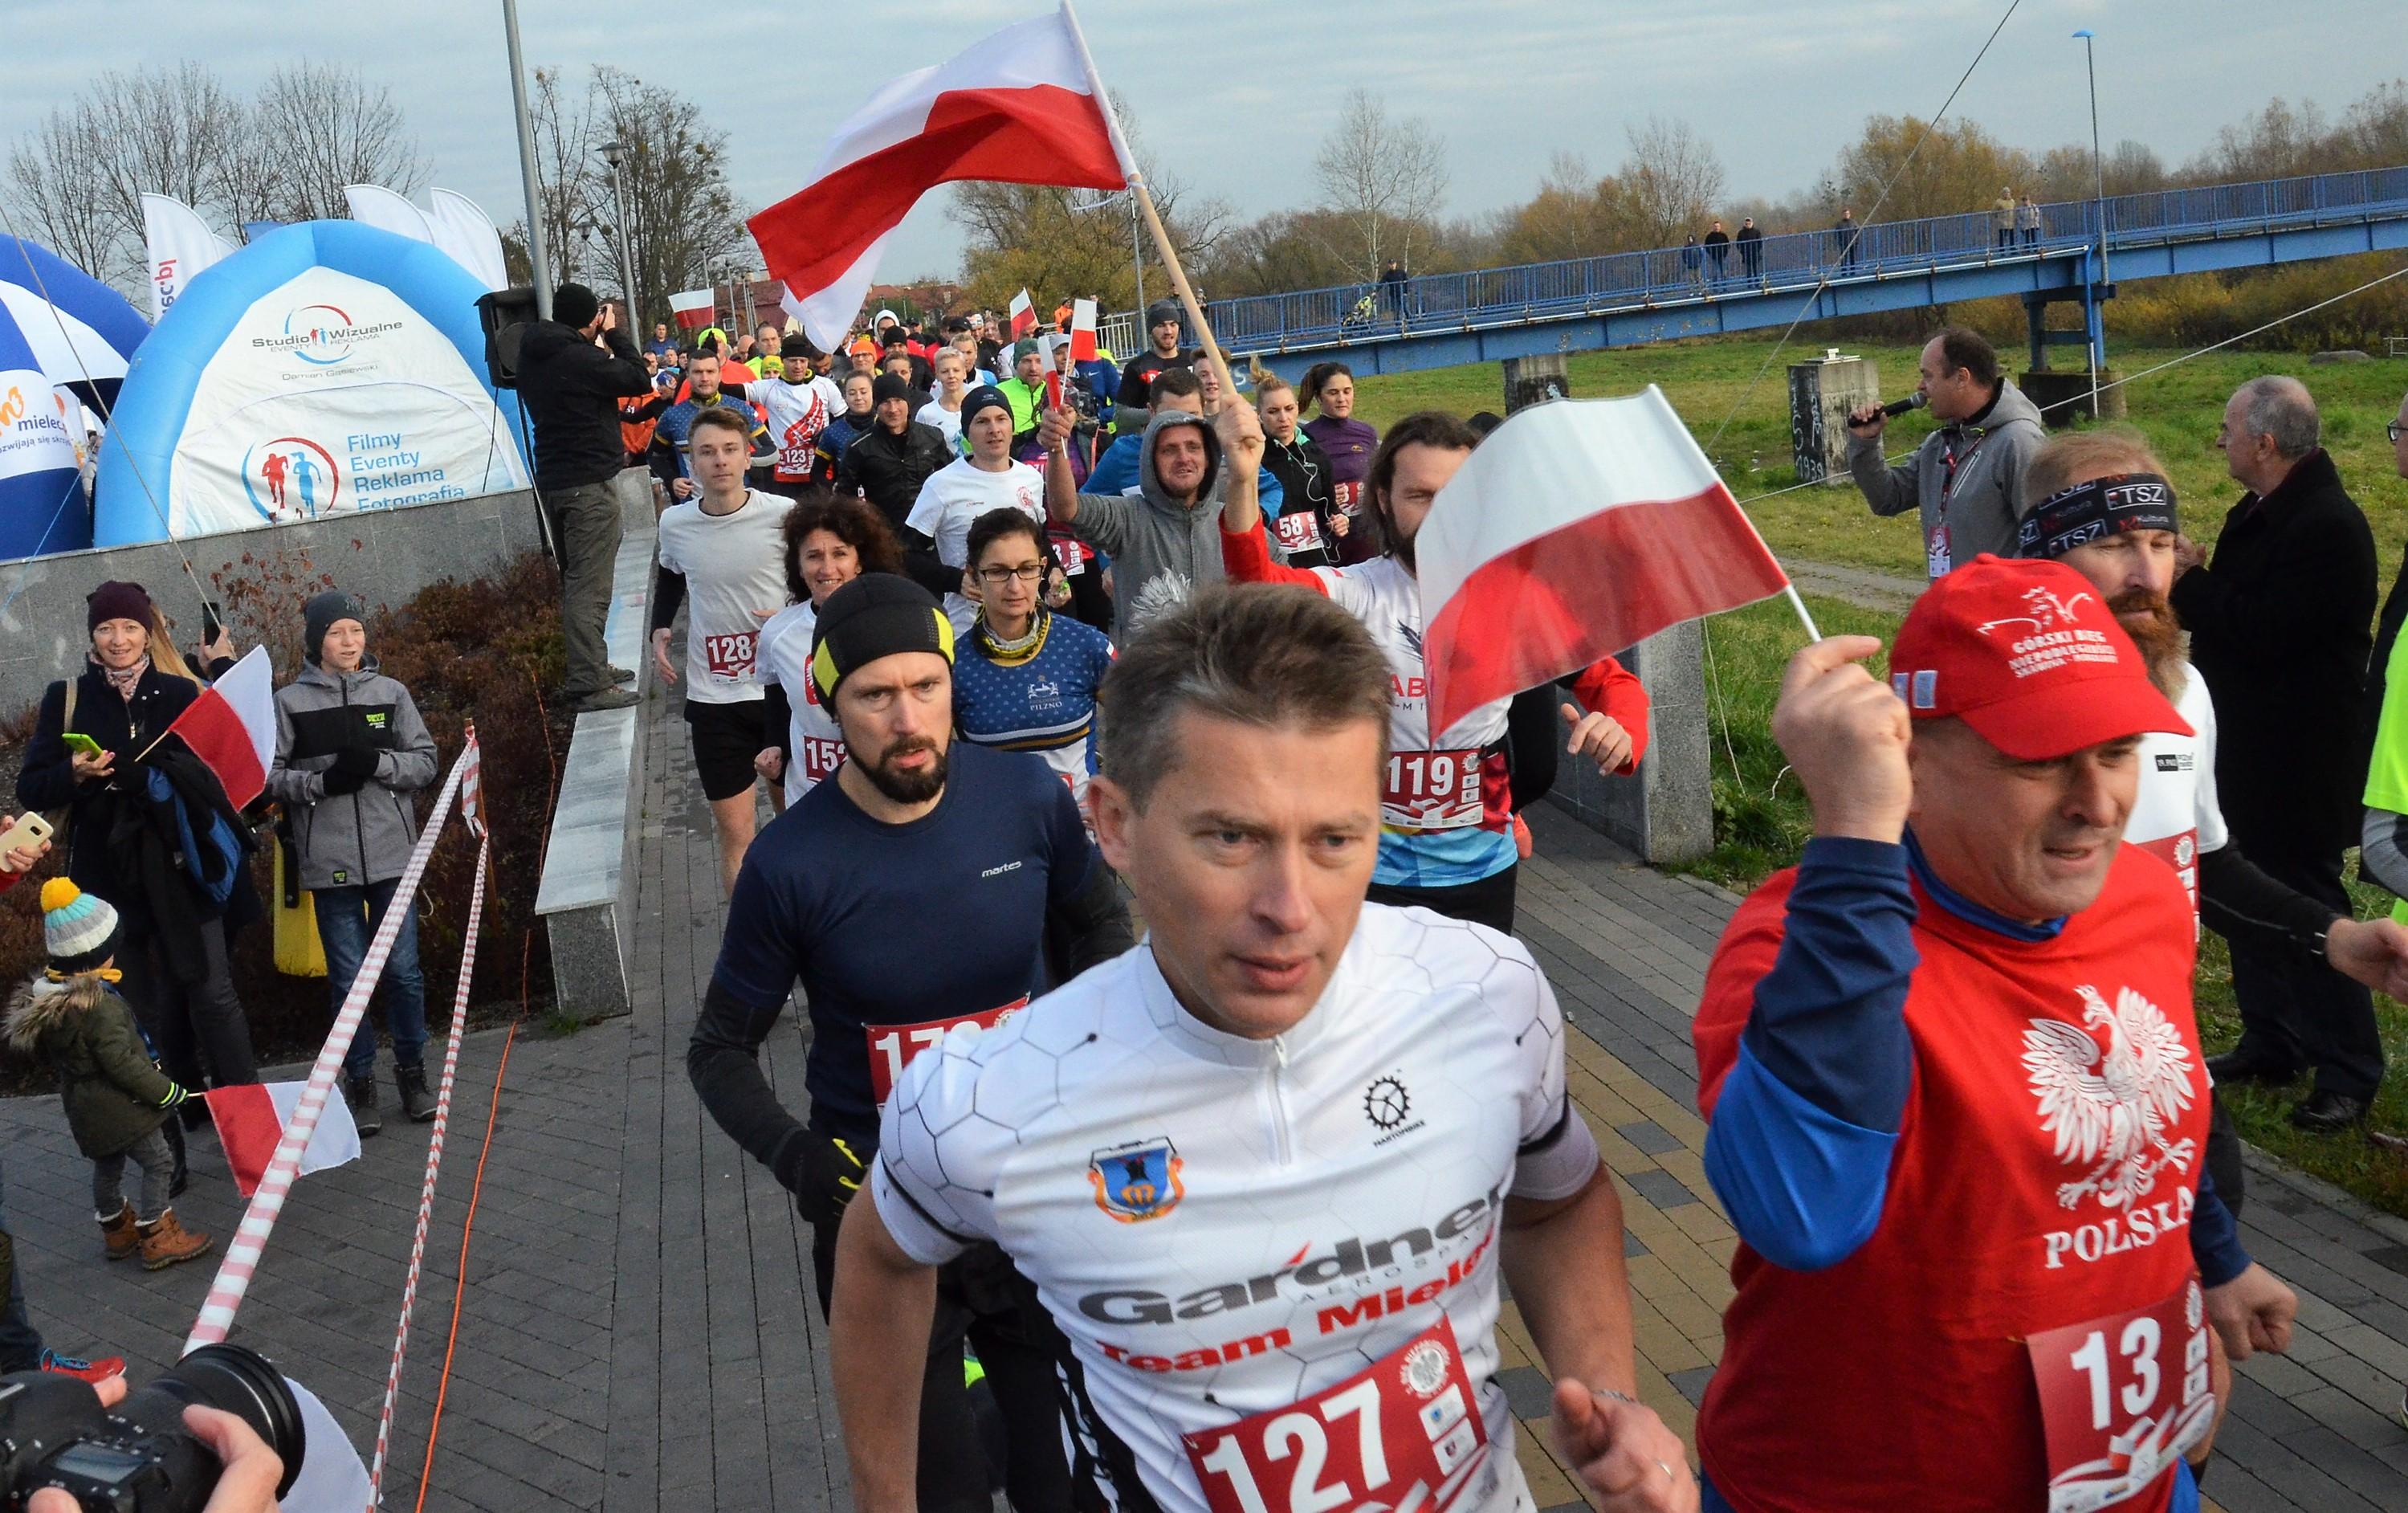 W sobotę impreza sportowa pod Mielcem. Bieg Konstytucji 3 Maja w Rydzowie  - Zdjęcie główne